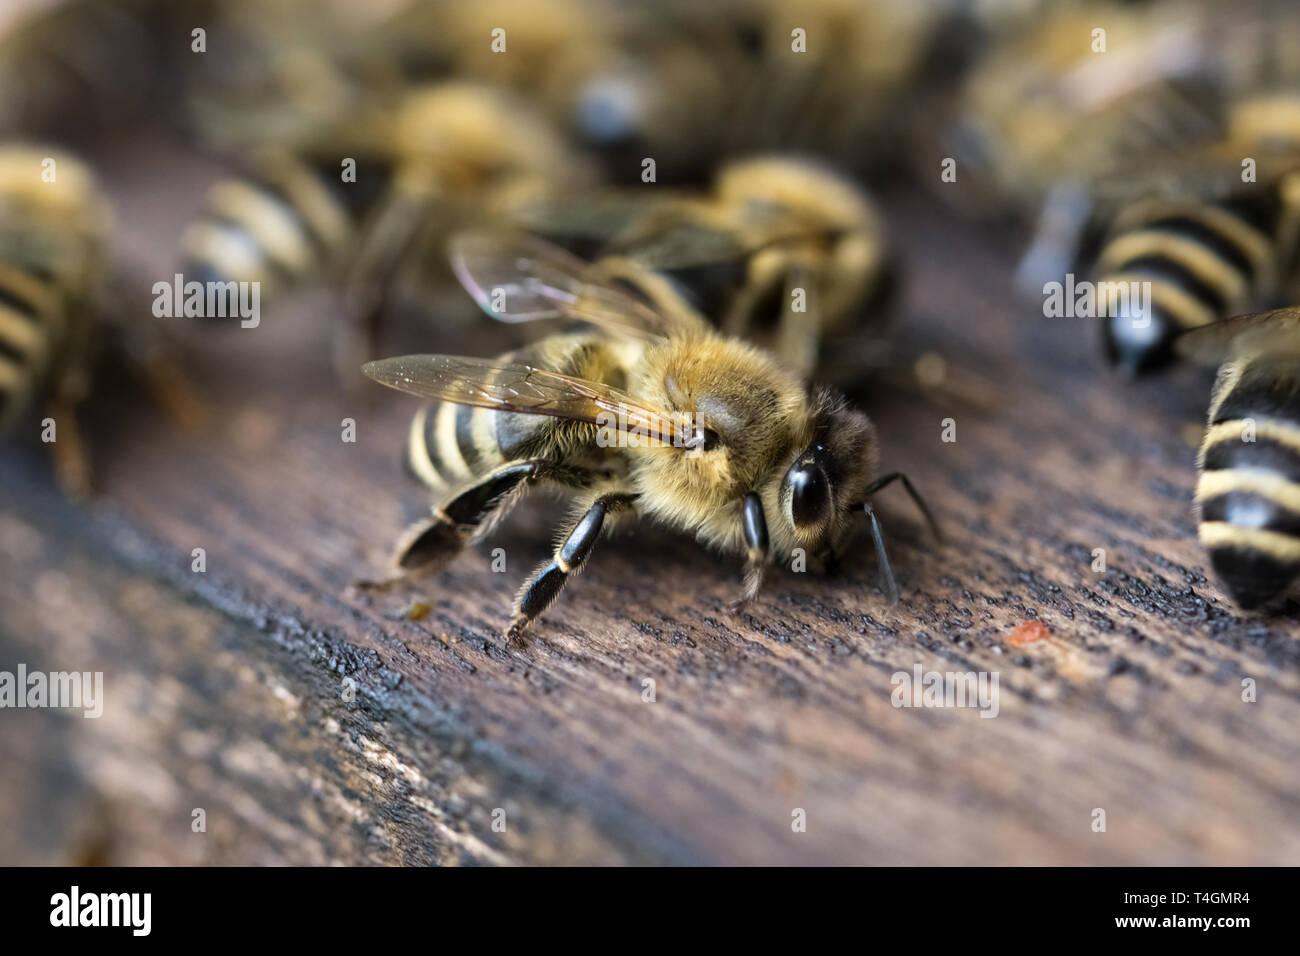 Makroaufnahme einer Biene - Stock Image